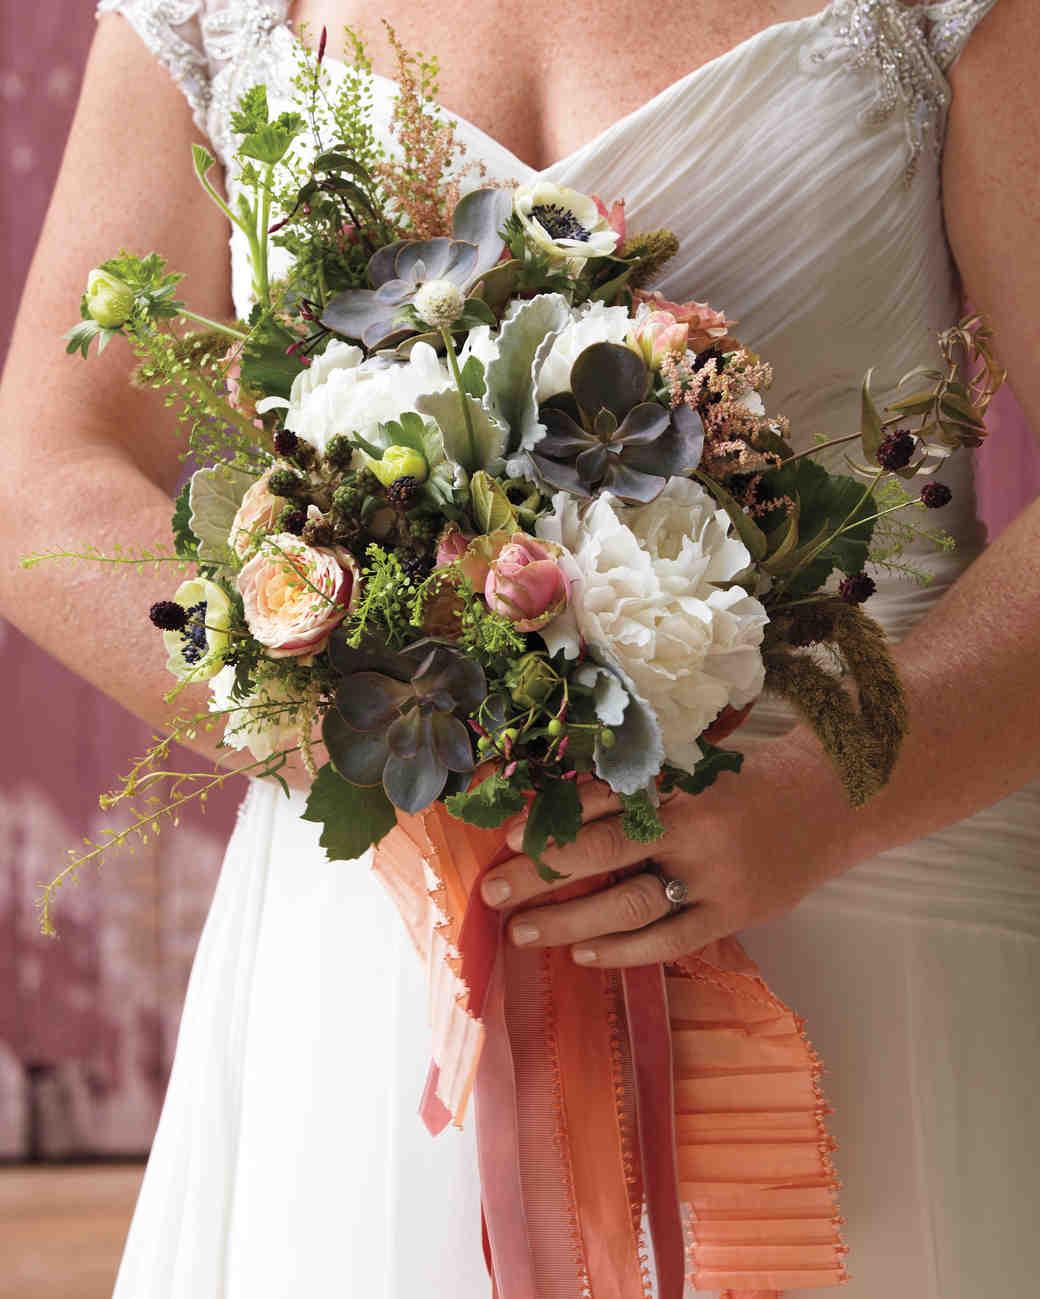 bouquet-brides-1-002-d111381.jpg